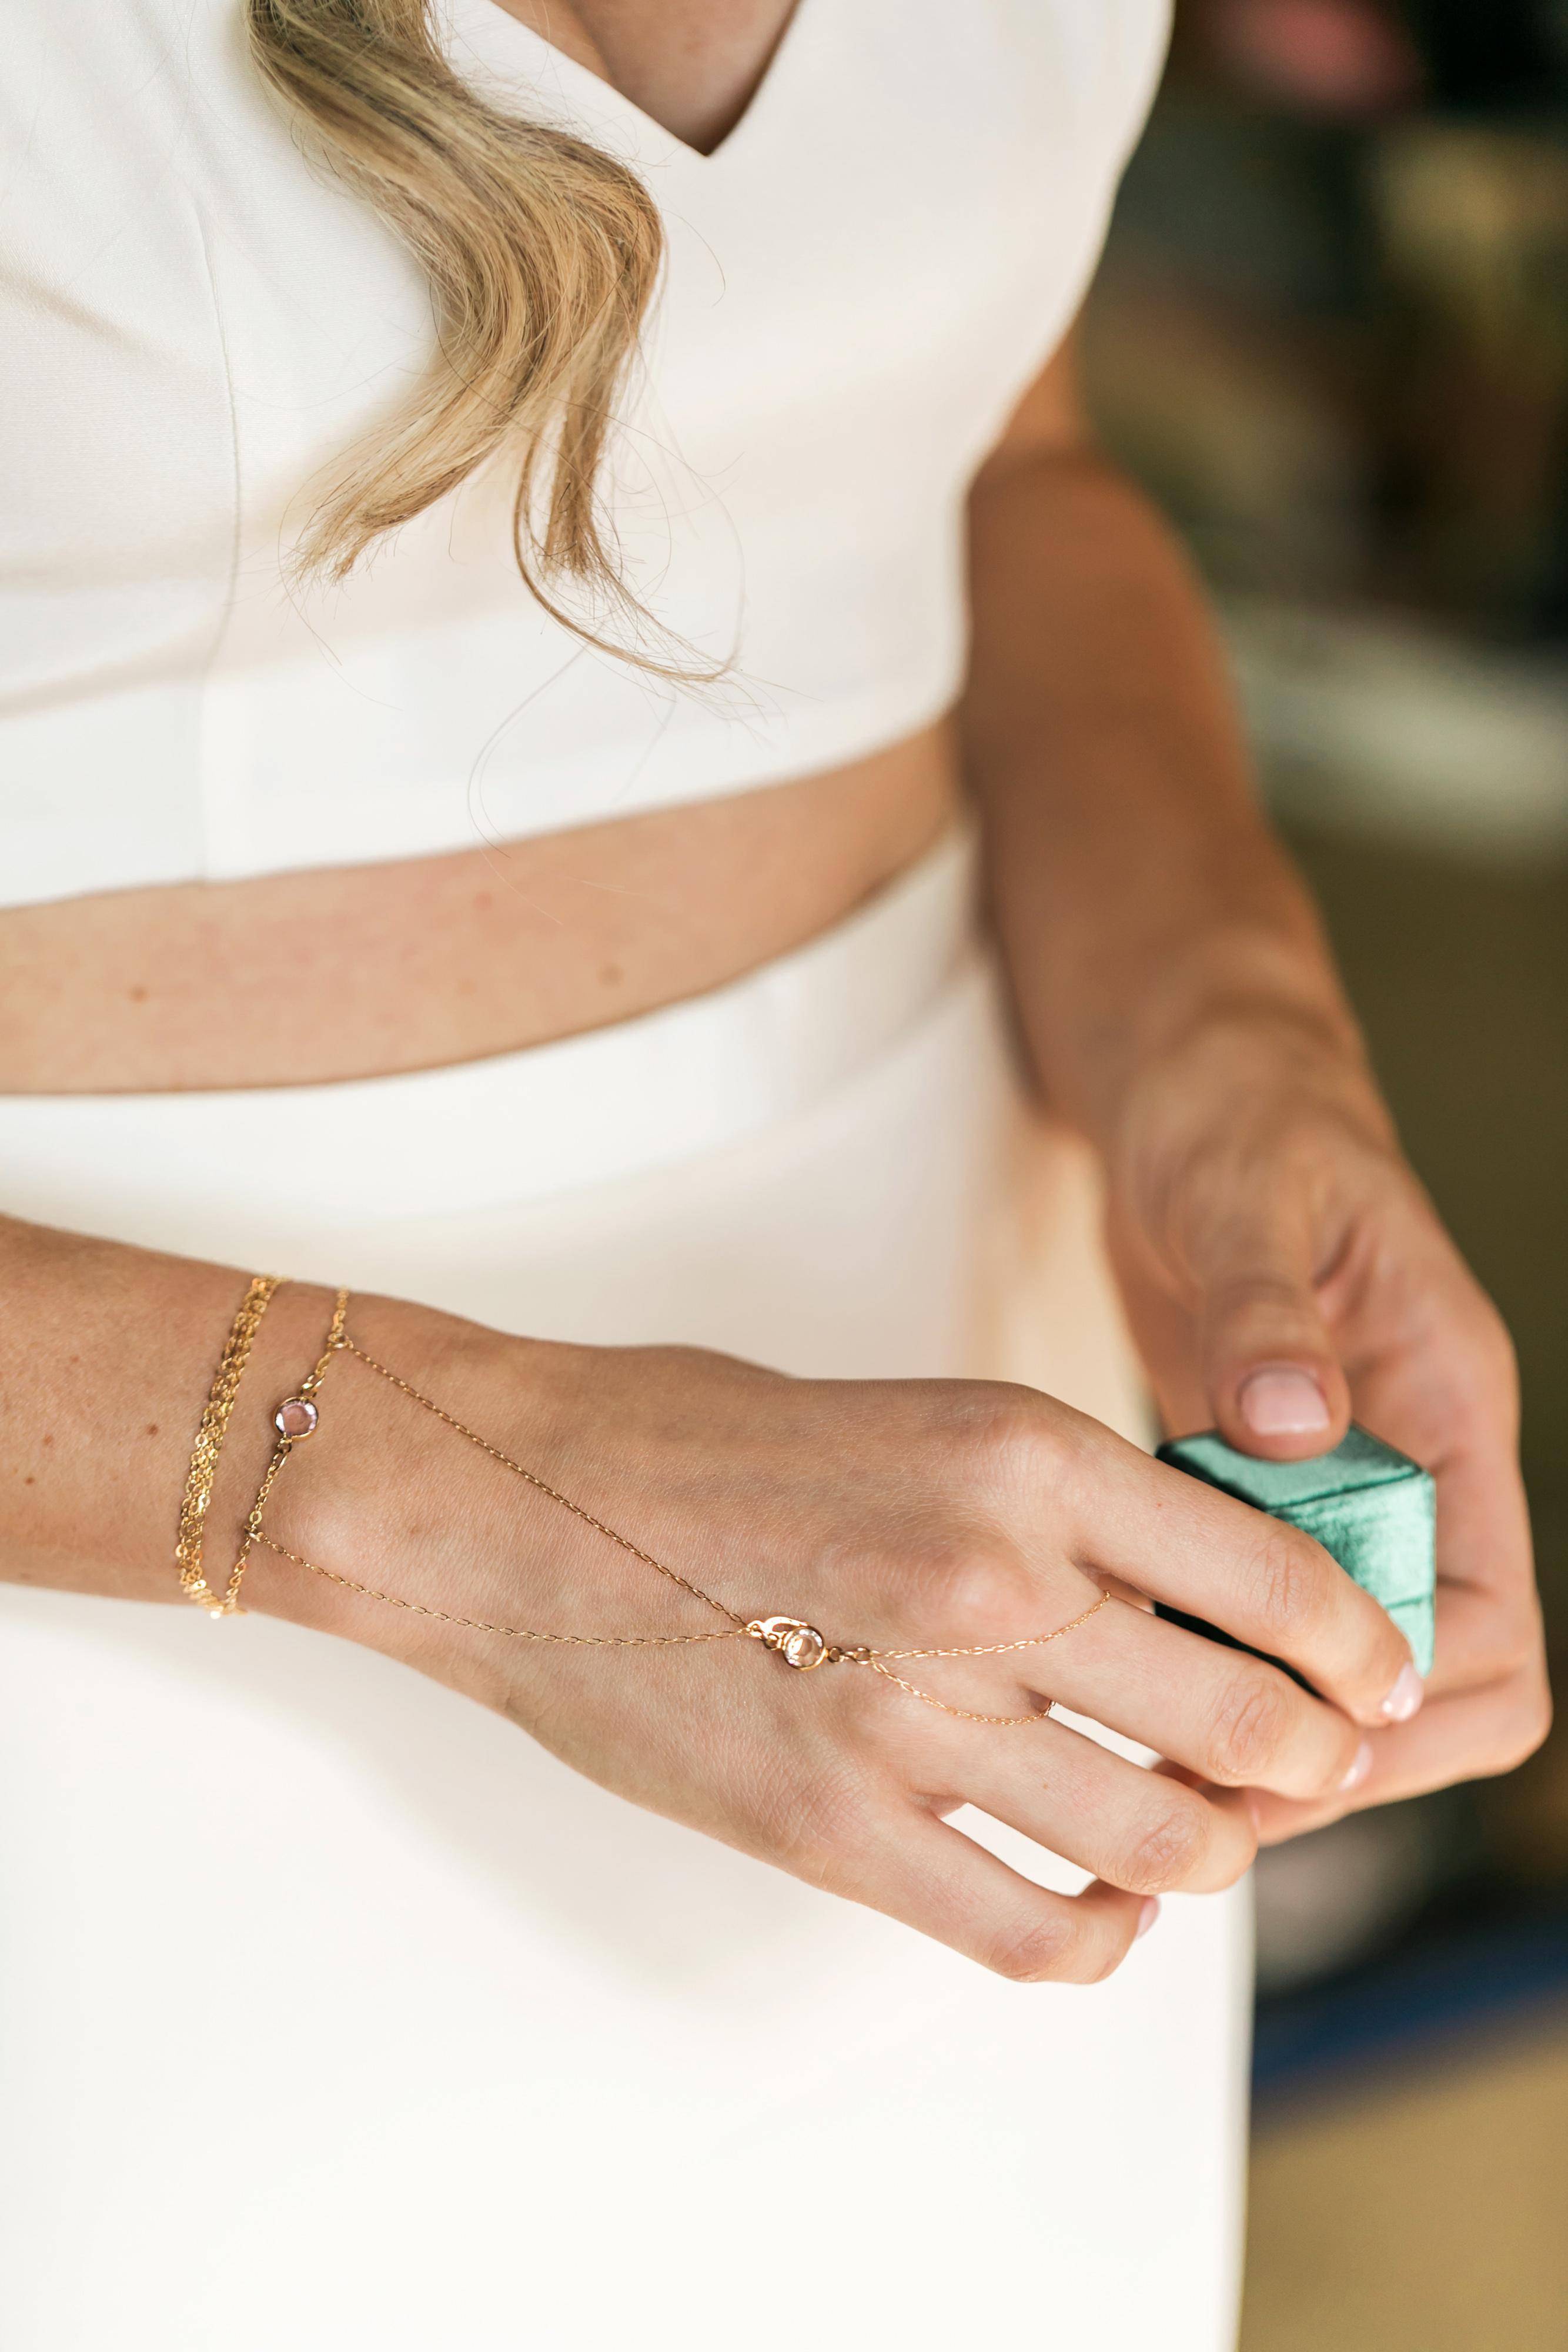 vanessa steven wedding bracelet ring box